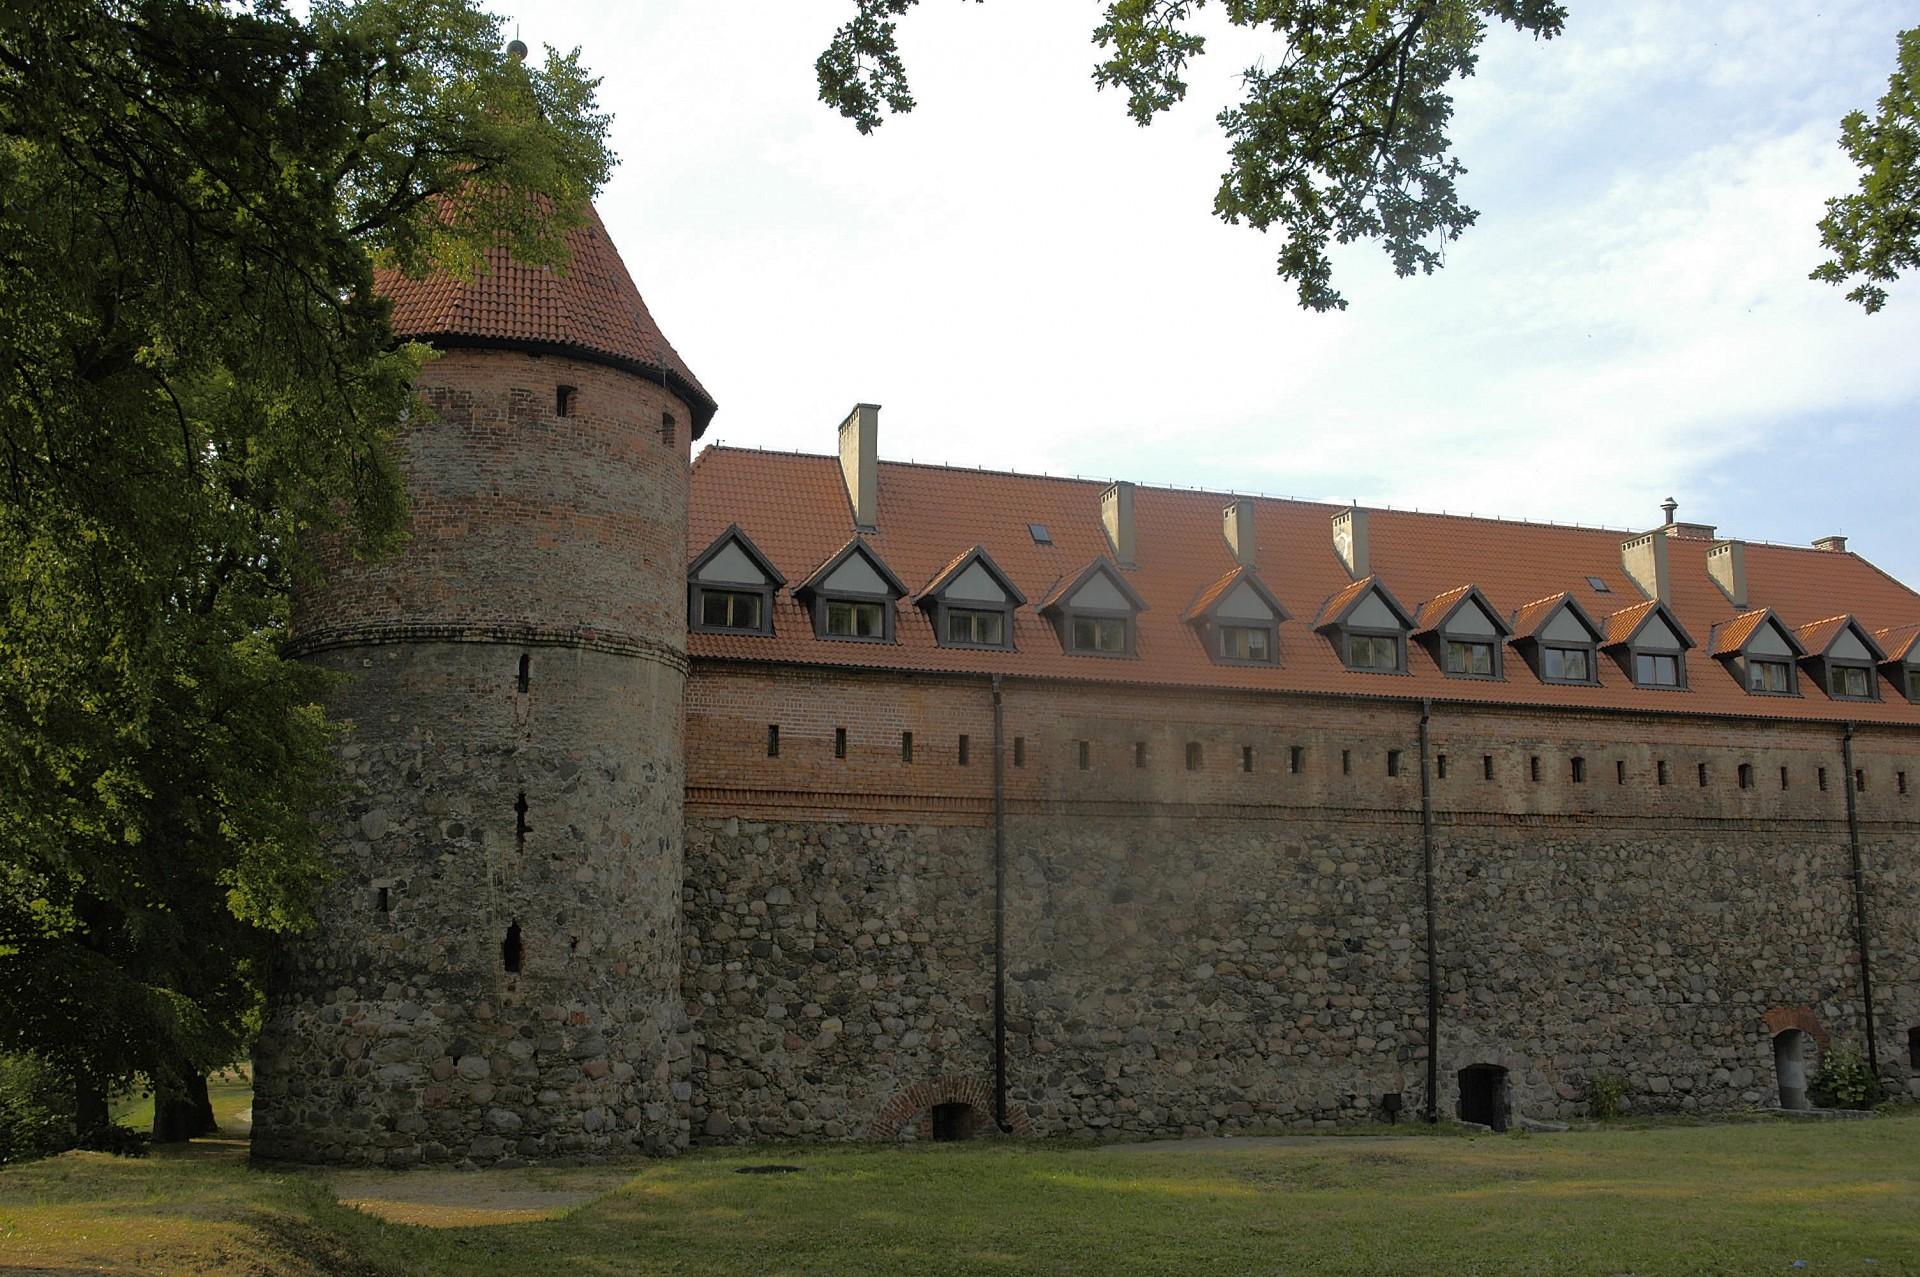 Bytów, Zamek krzyżacki; źródło:By Ziijon - Praca własna, GFDL, https://commons.wikimedia.org/w/index.php?curid=4577861